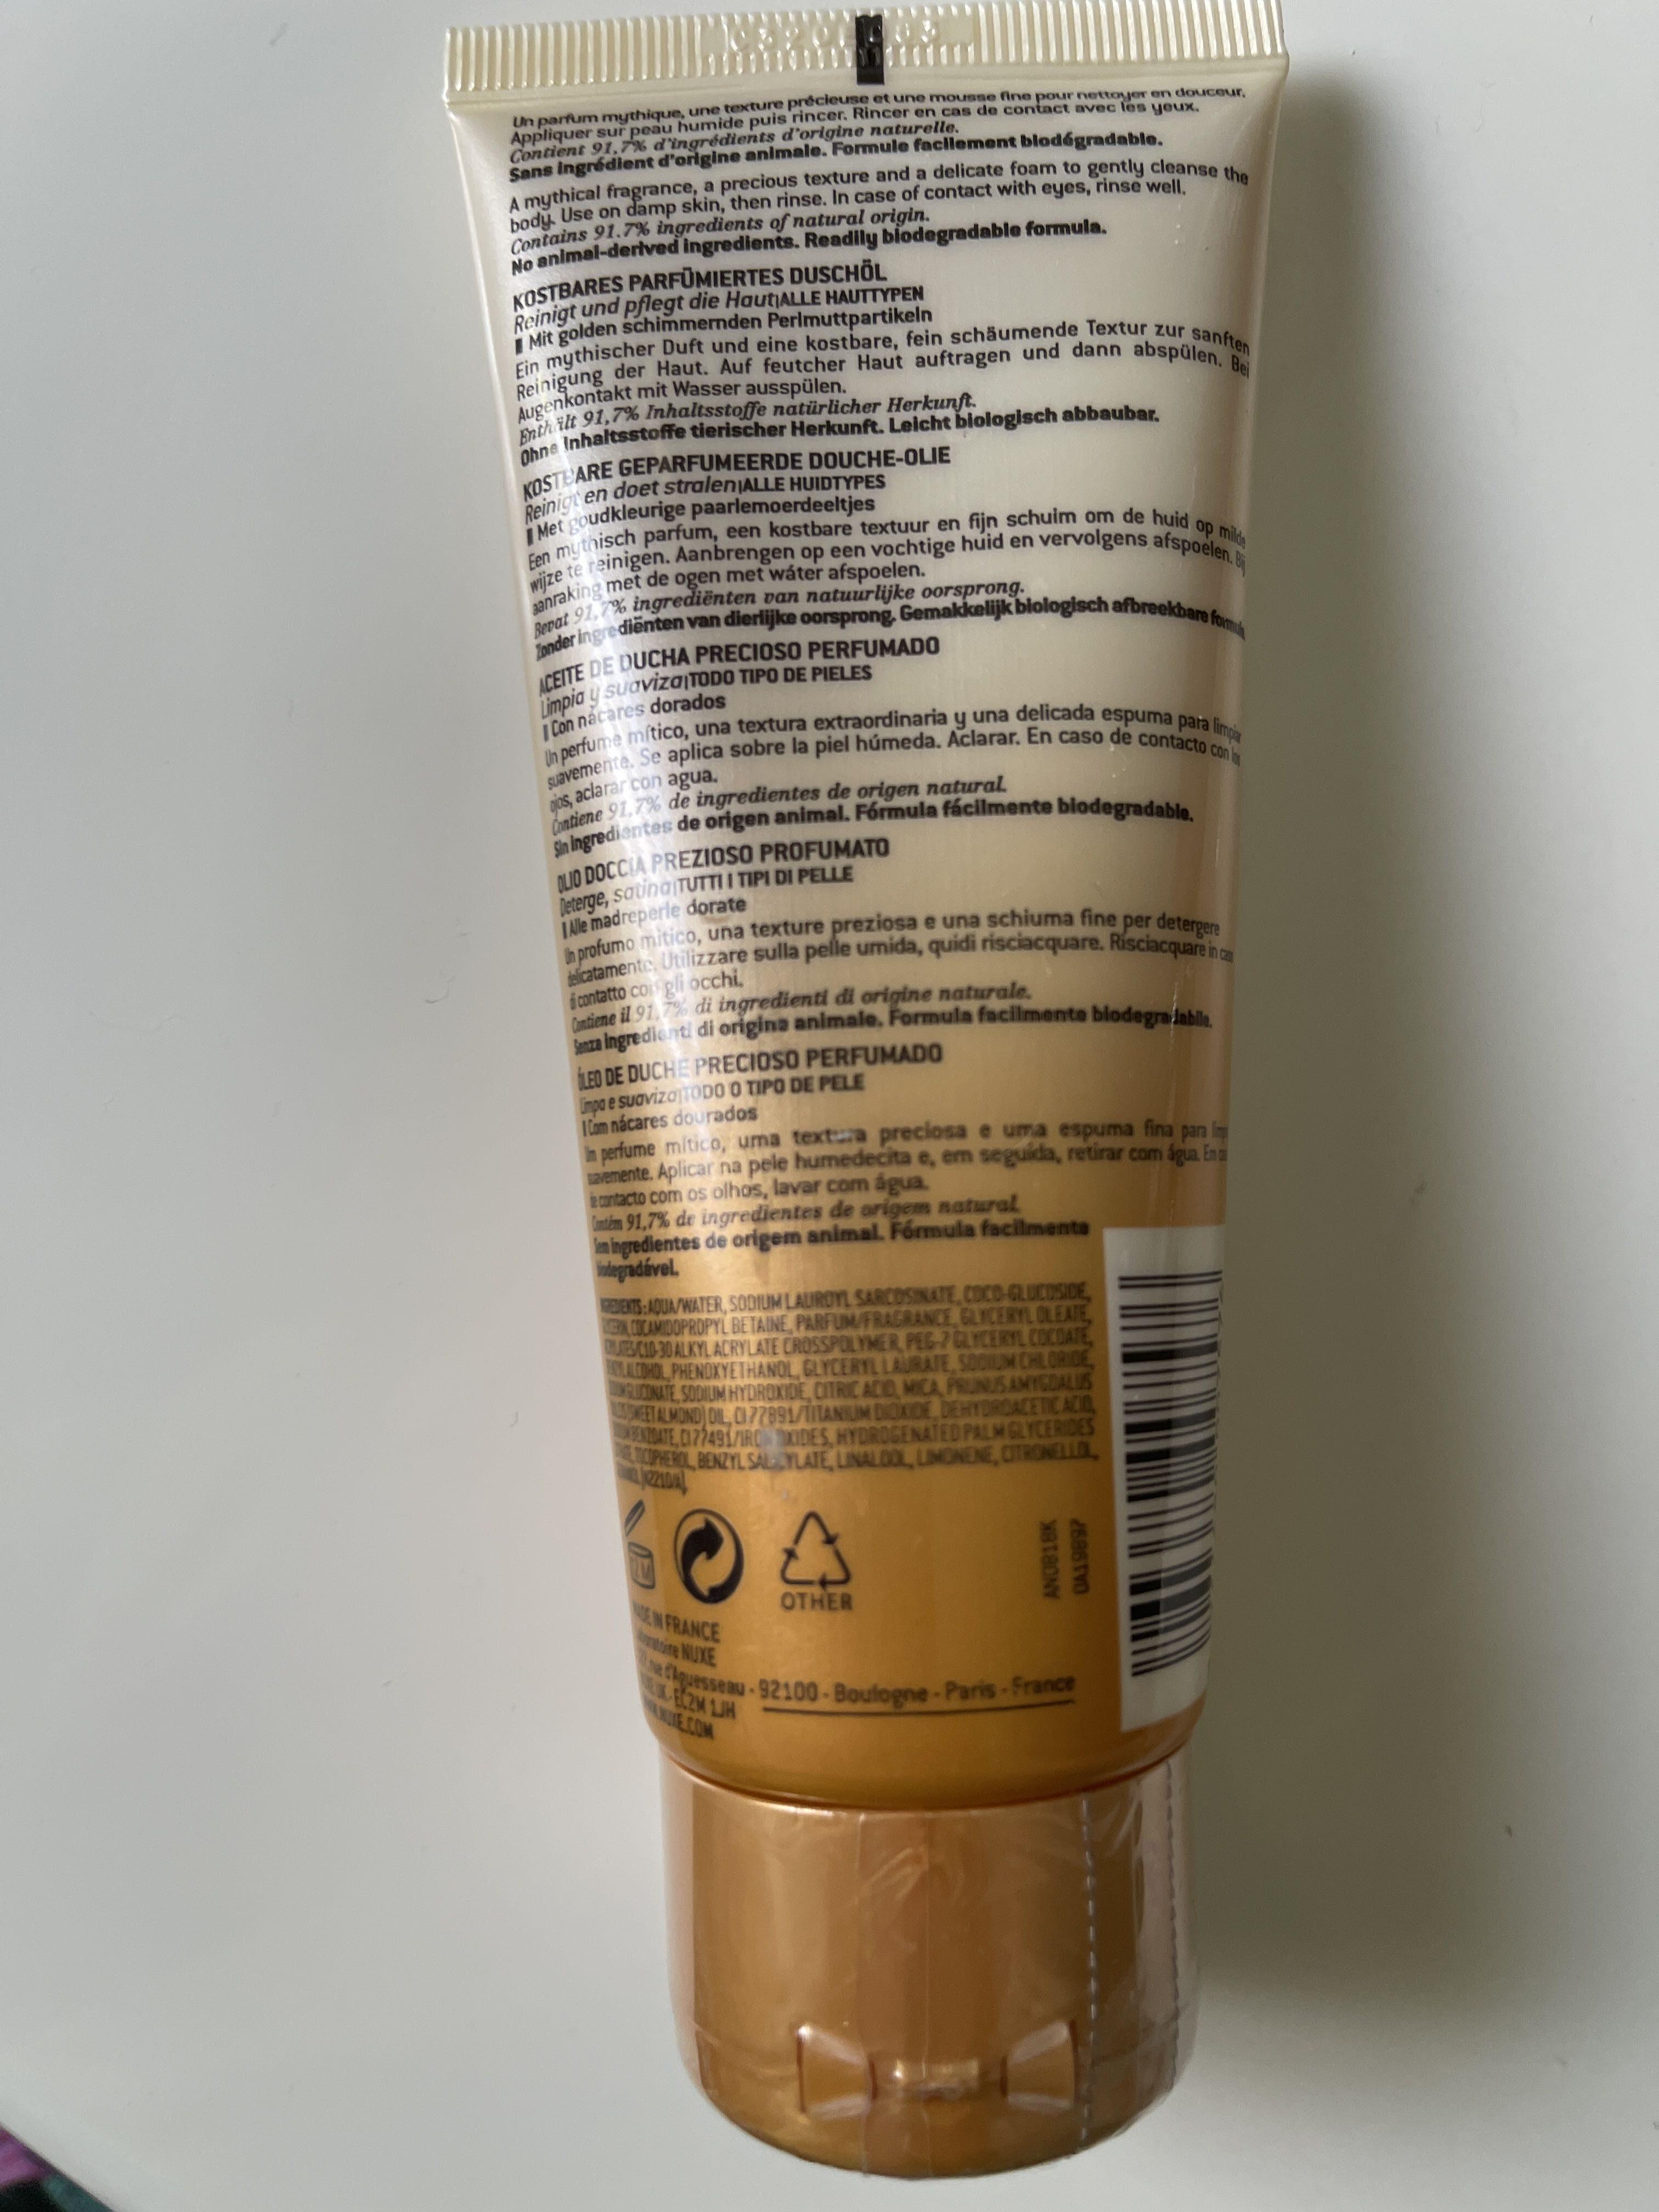 Prodigieux - huile de douche - Product - fr